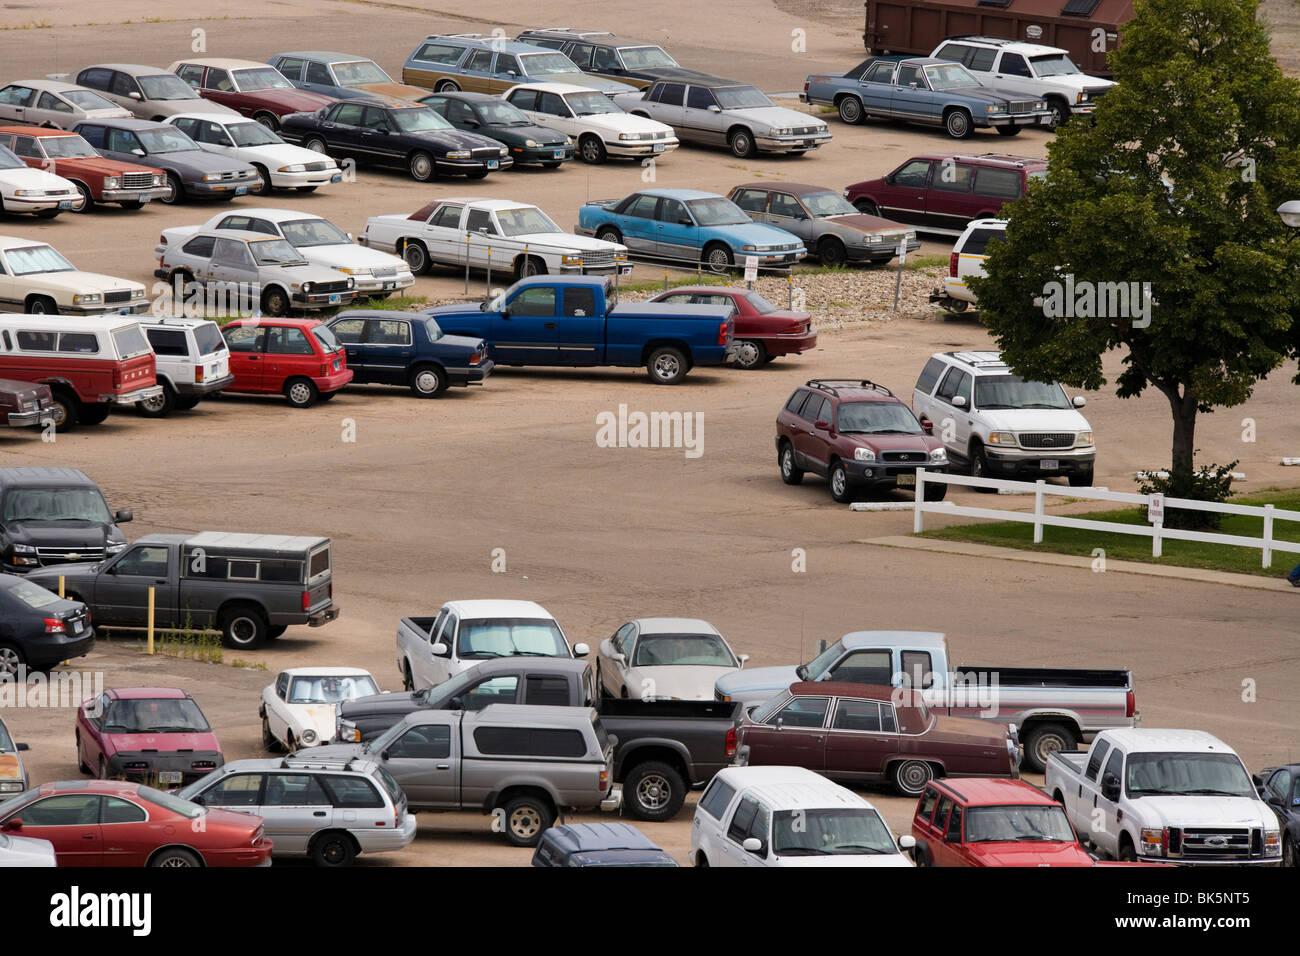 Parkplatz außerhalb einer US-Fabrik. Vor allem ältere Autos nicht sehr gut gepflegt. Nebraska, amerikanische Stockbild